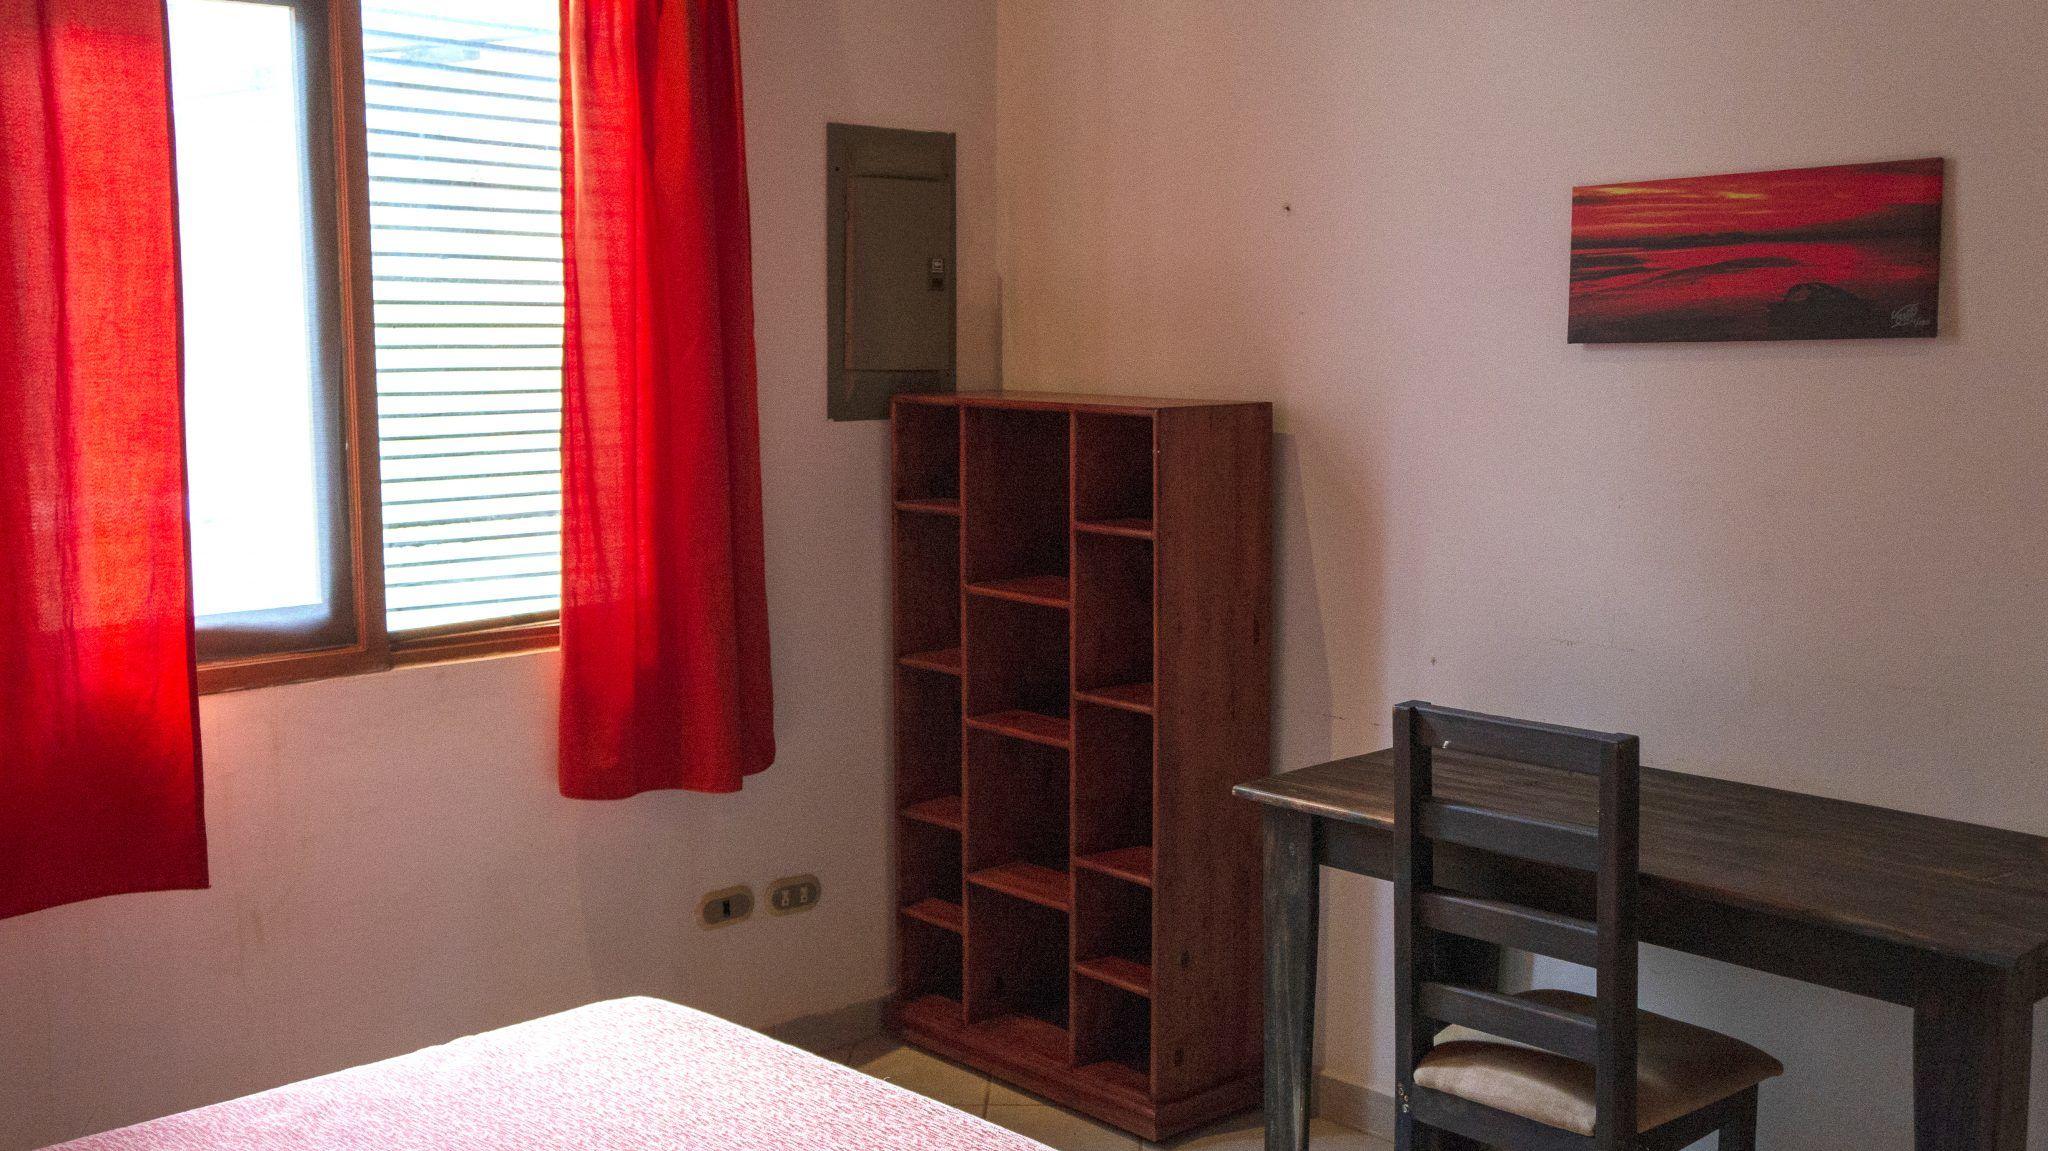 LP2 - Bedroom